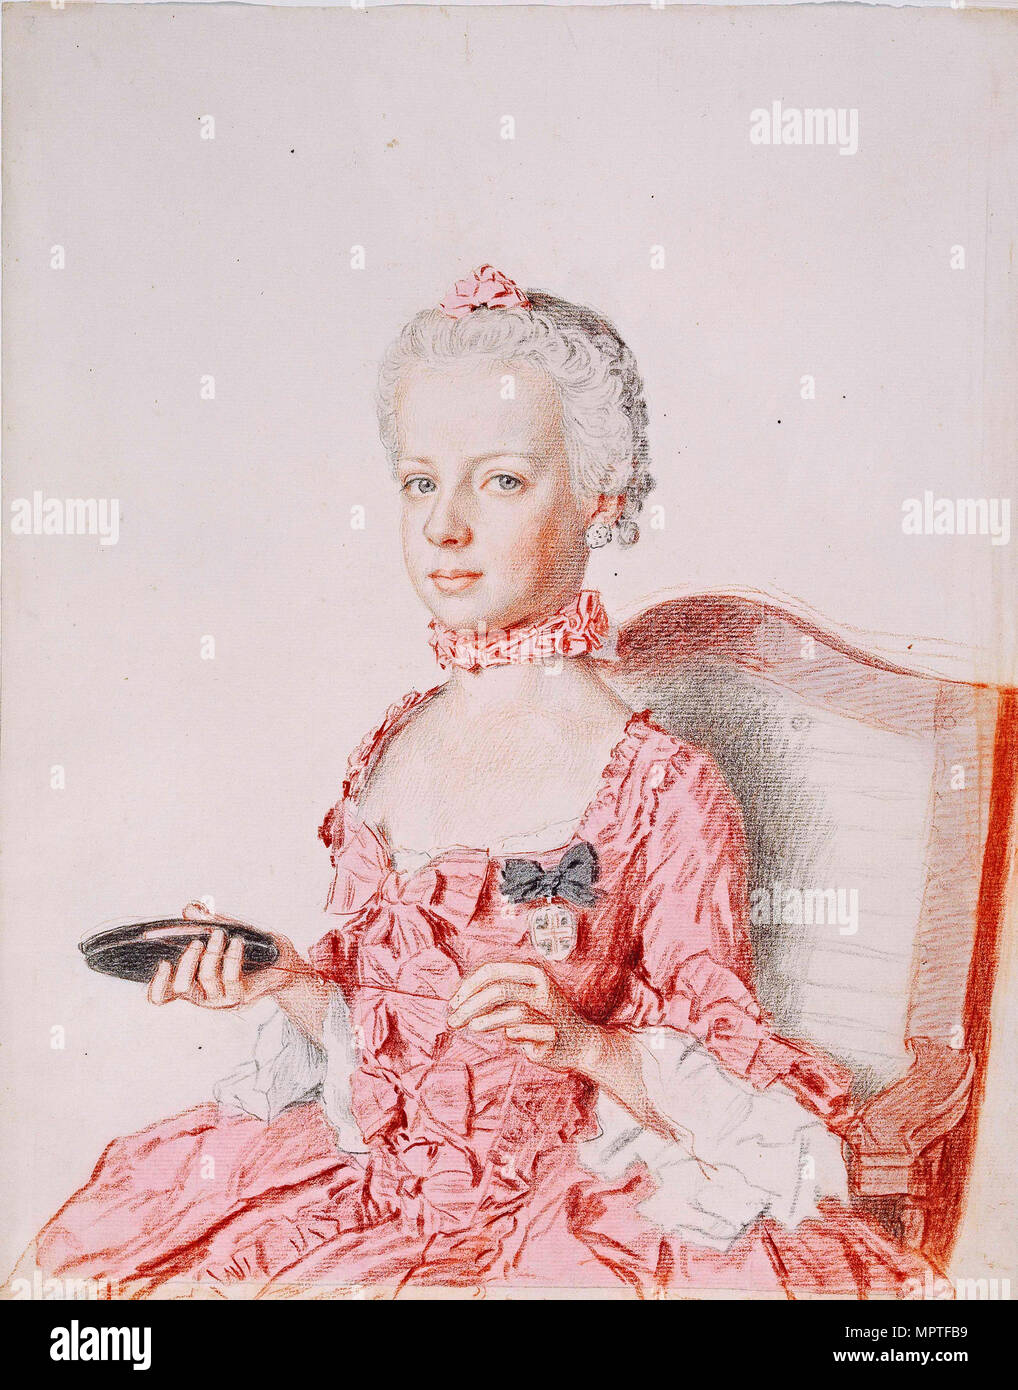 María Antonieta, archiduquesa de Austria, 1762. Foto de stock